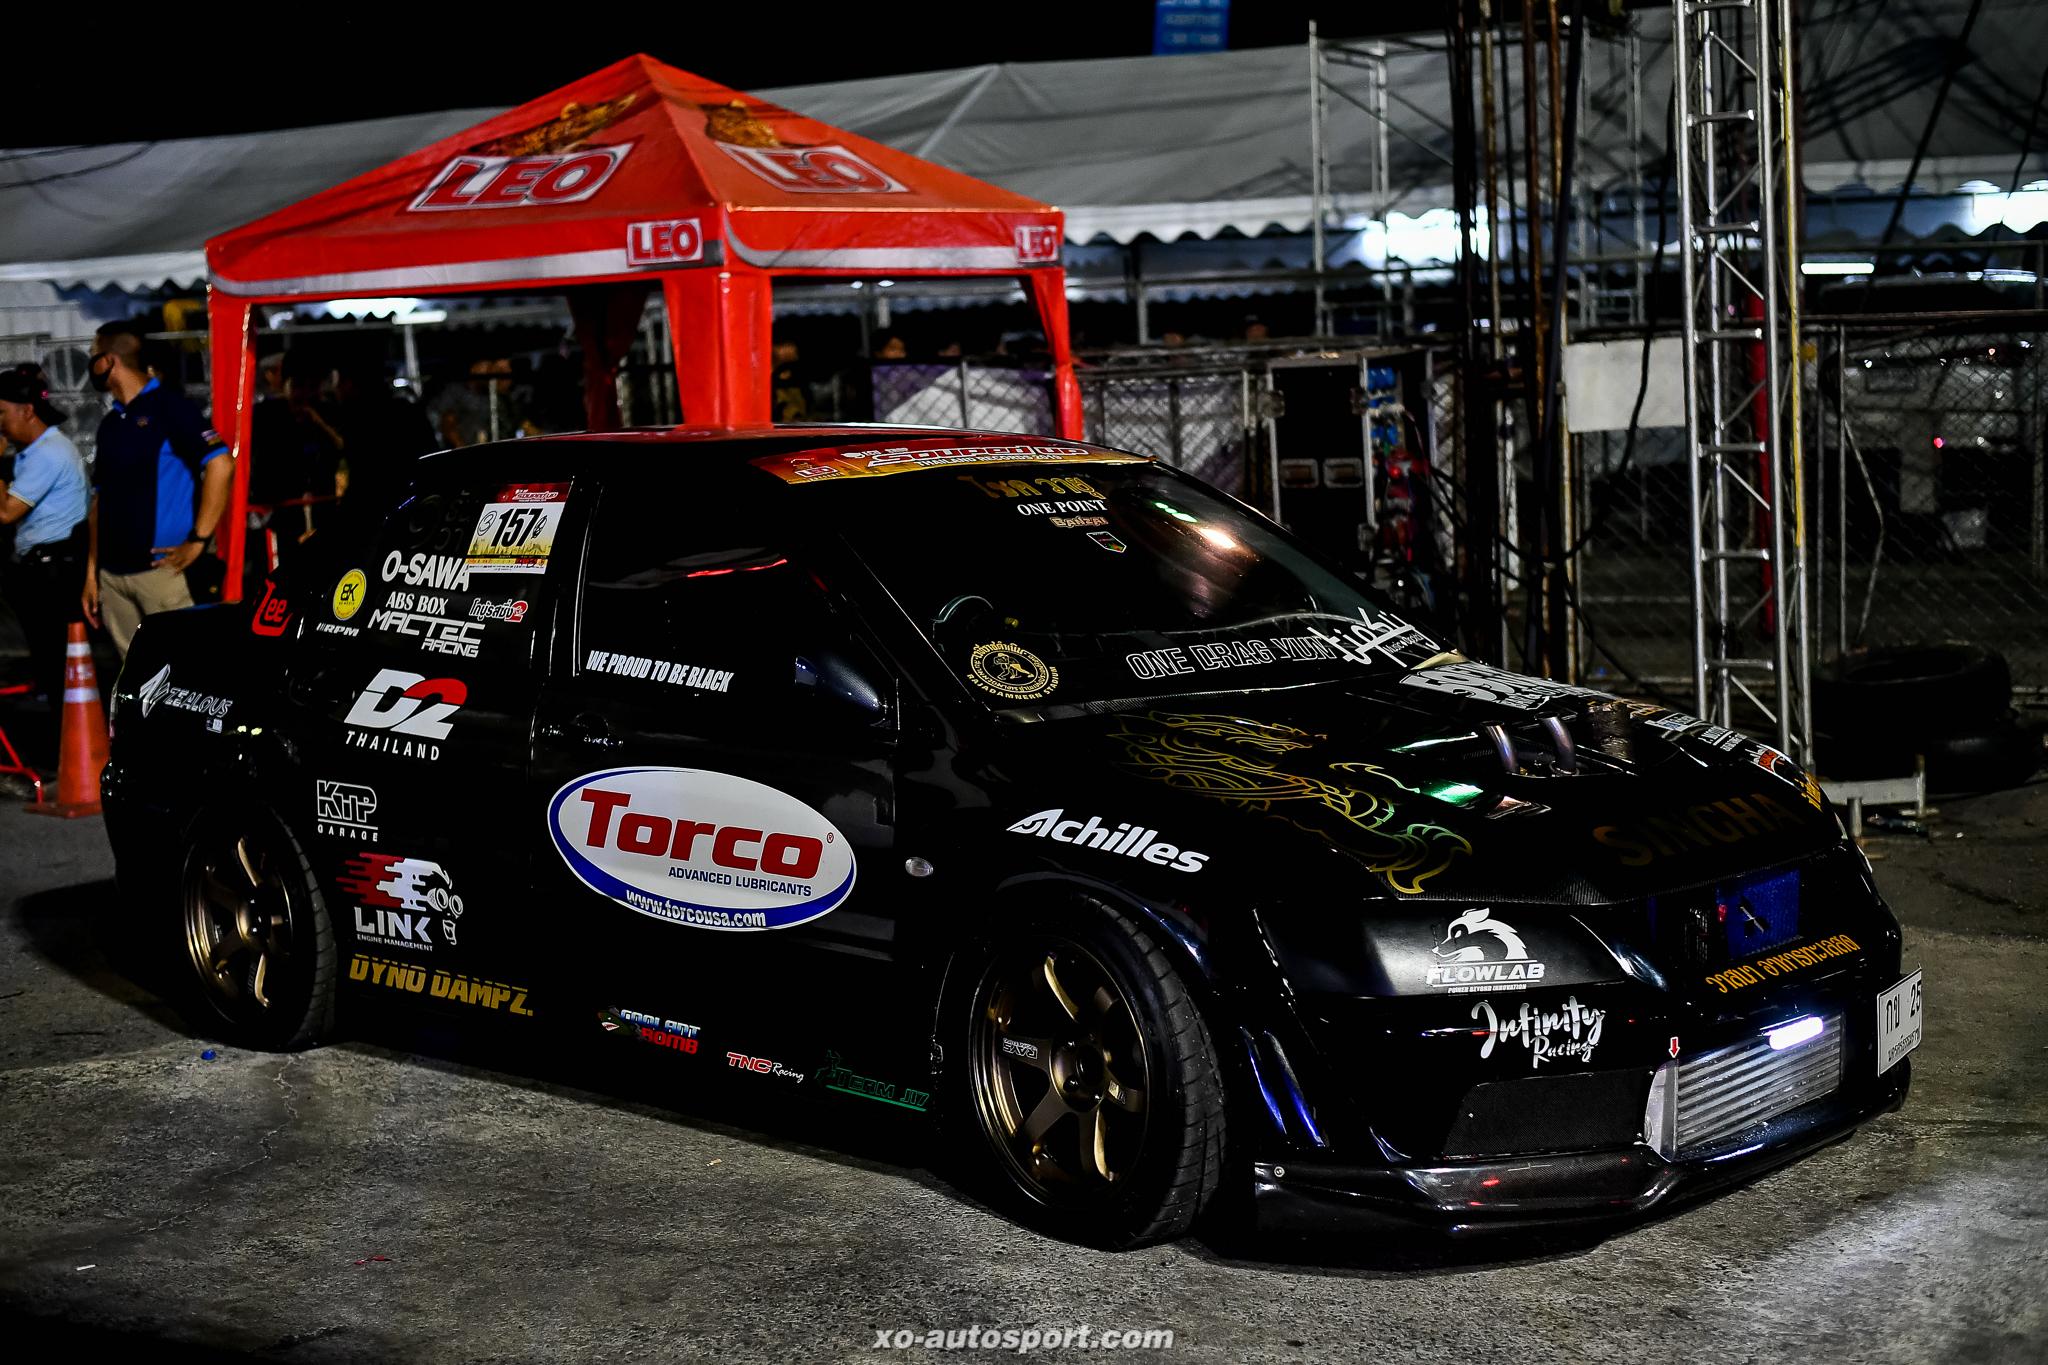 Mactec Super 4 4WD 20